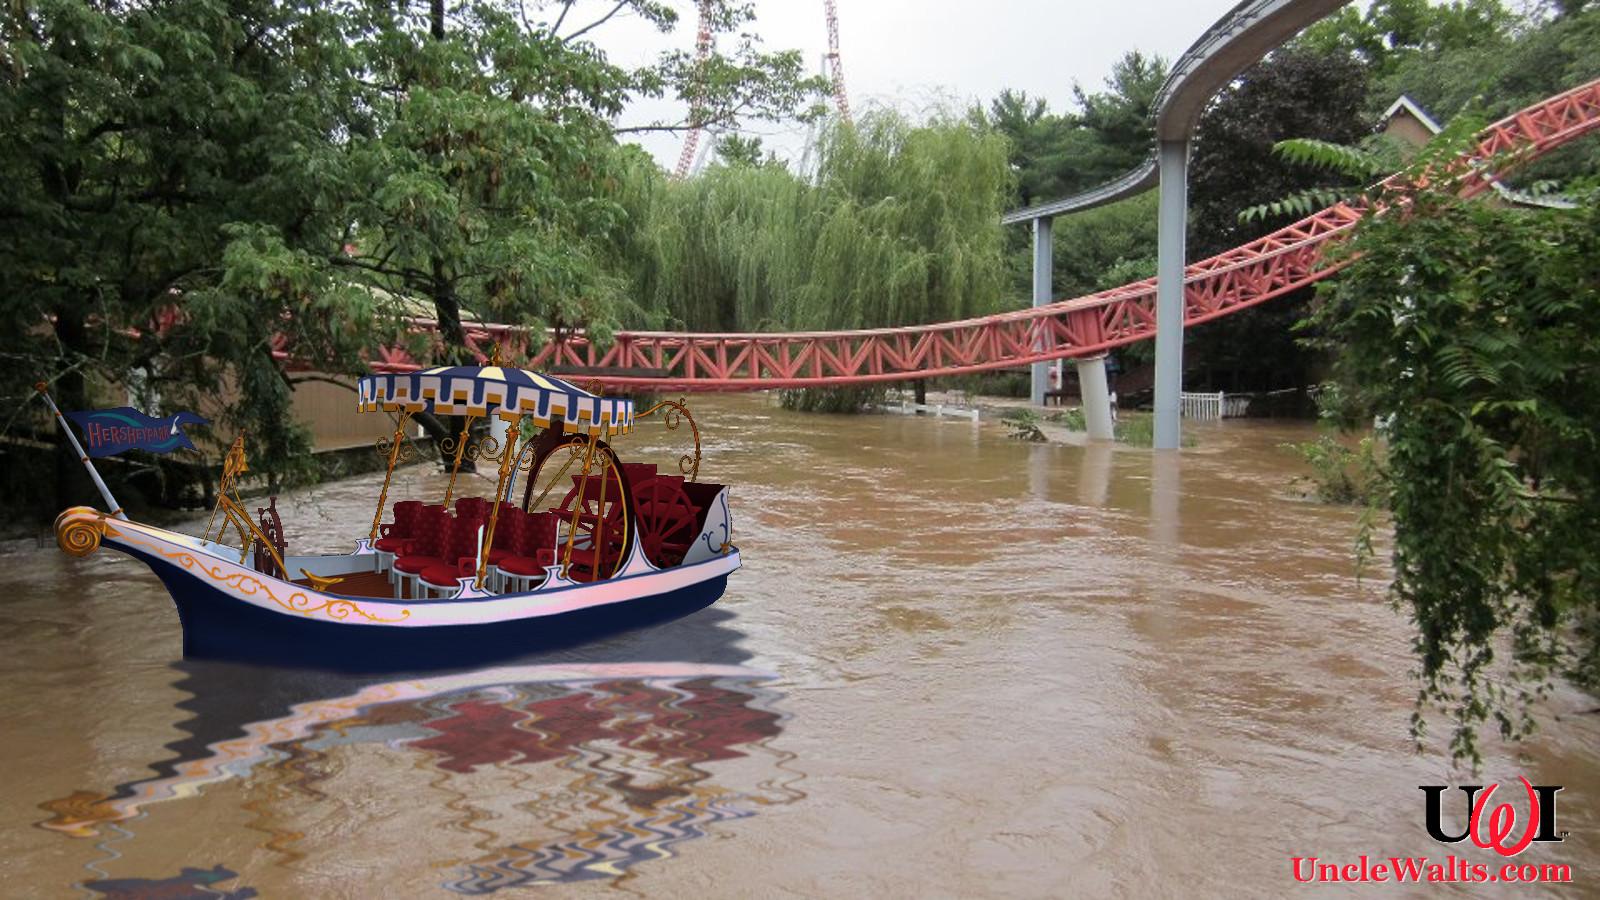 hershey adds chocolate riverboat ride  wonka threatens